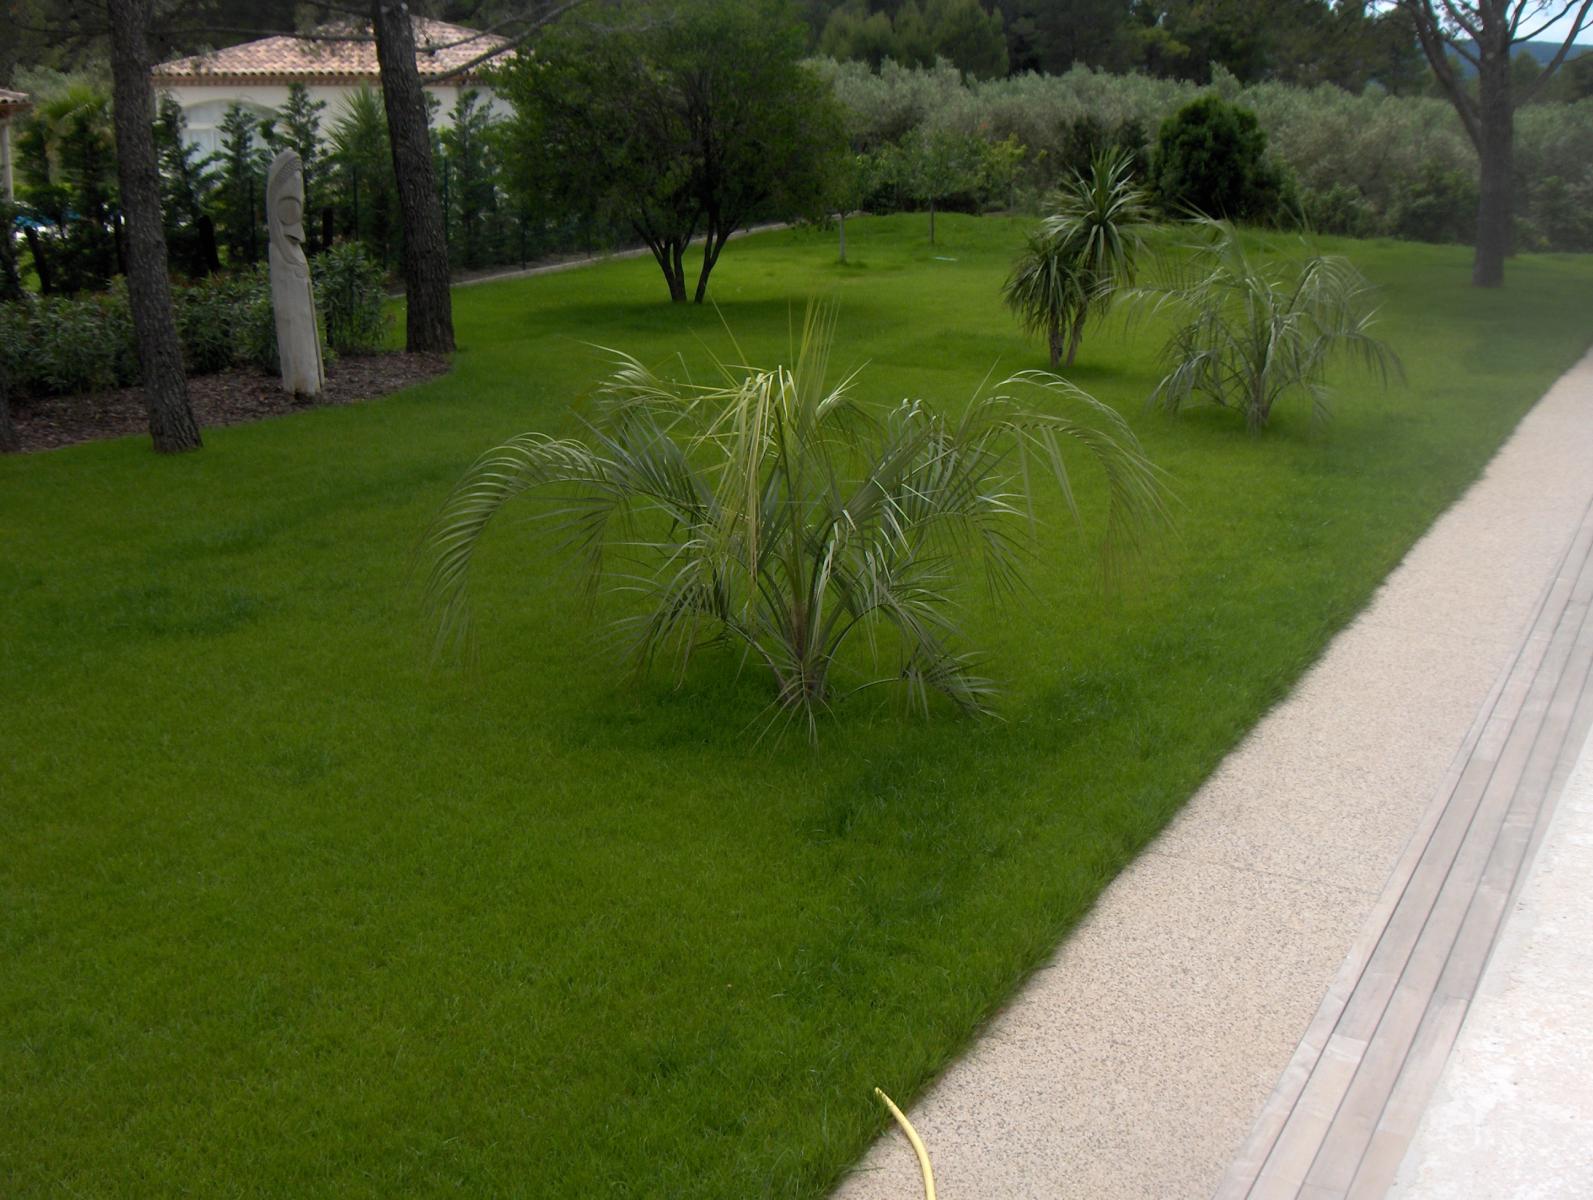 gazon sem gazon en plaque gazon synth tique vert parc cr ateur de jardins paysagiste. Black Bedroom Furniture Sets. Home Design Ideas